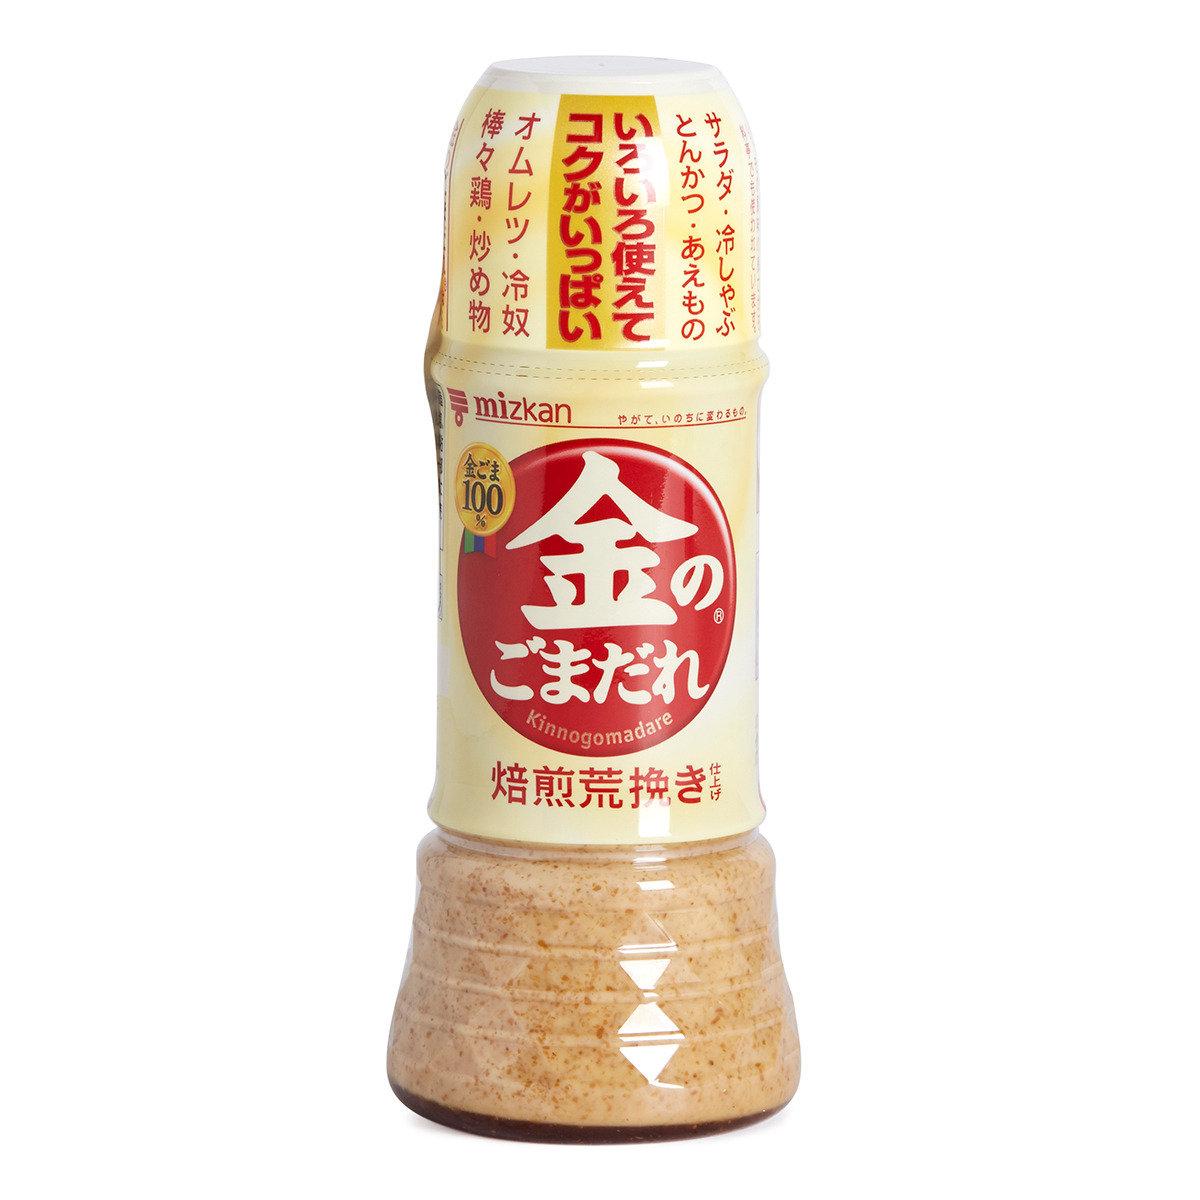 金芝麻醬(粗粒)